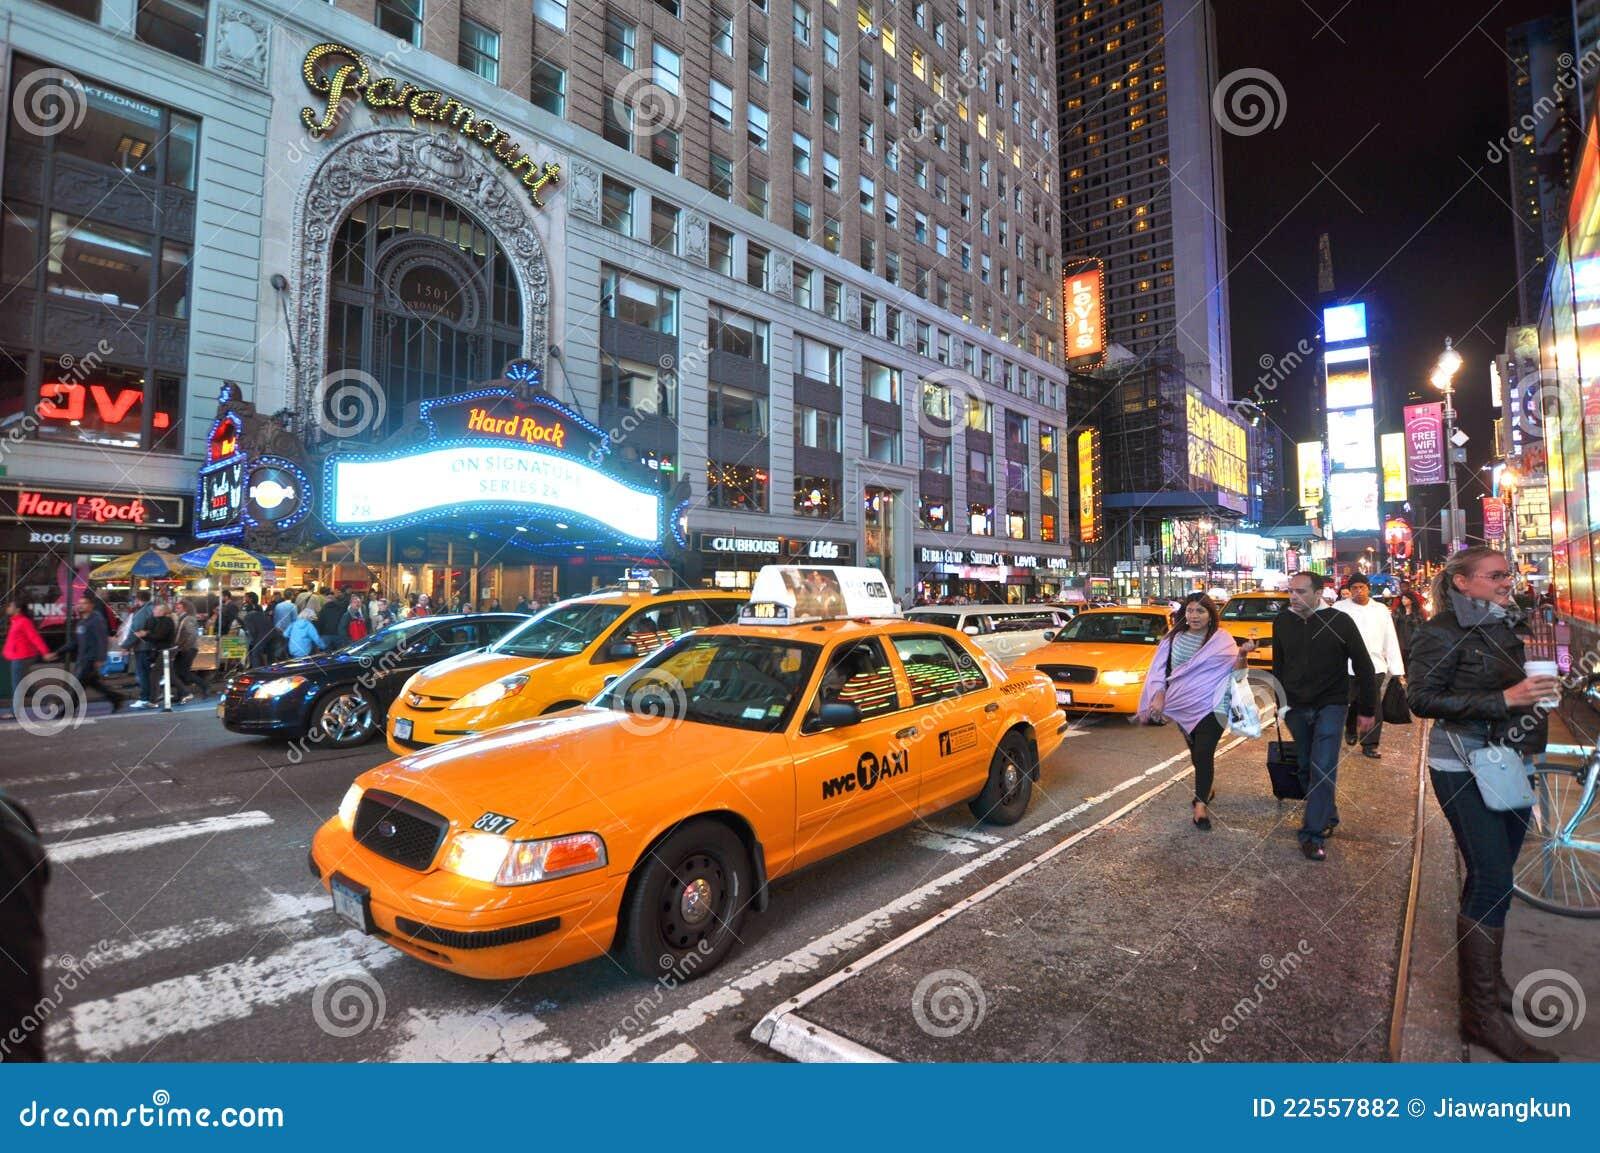 taxi jaune dans le times square la nuit new york city. Black Bedroom Furniture Sets. Home Design Ideas